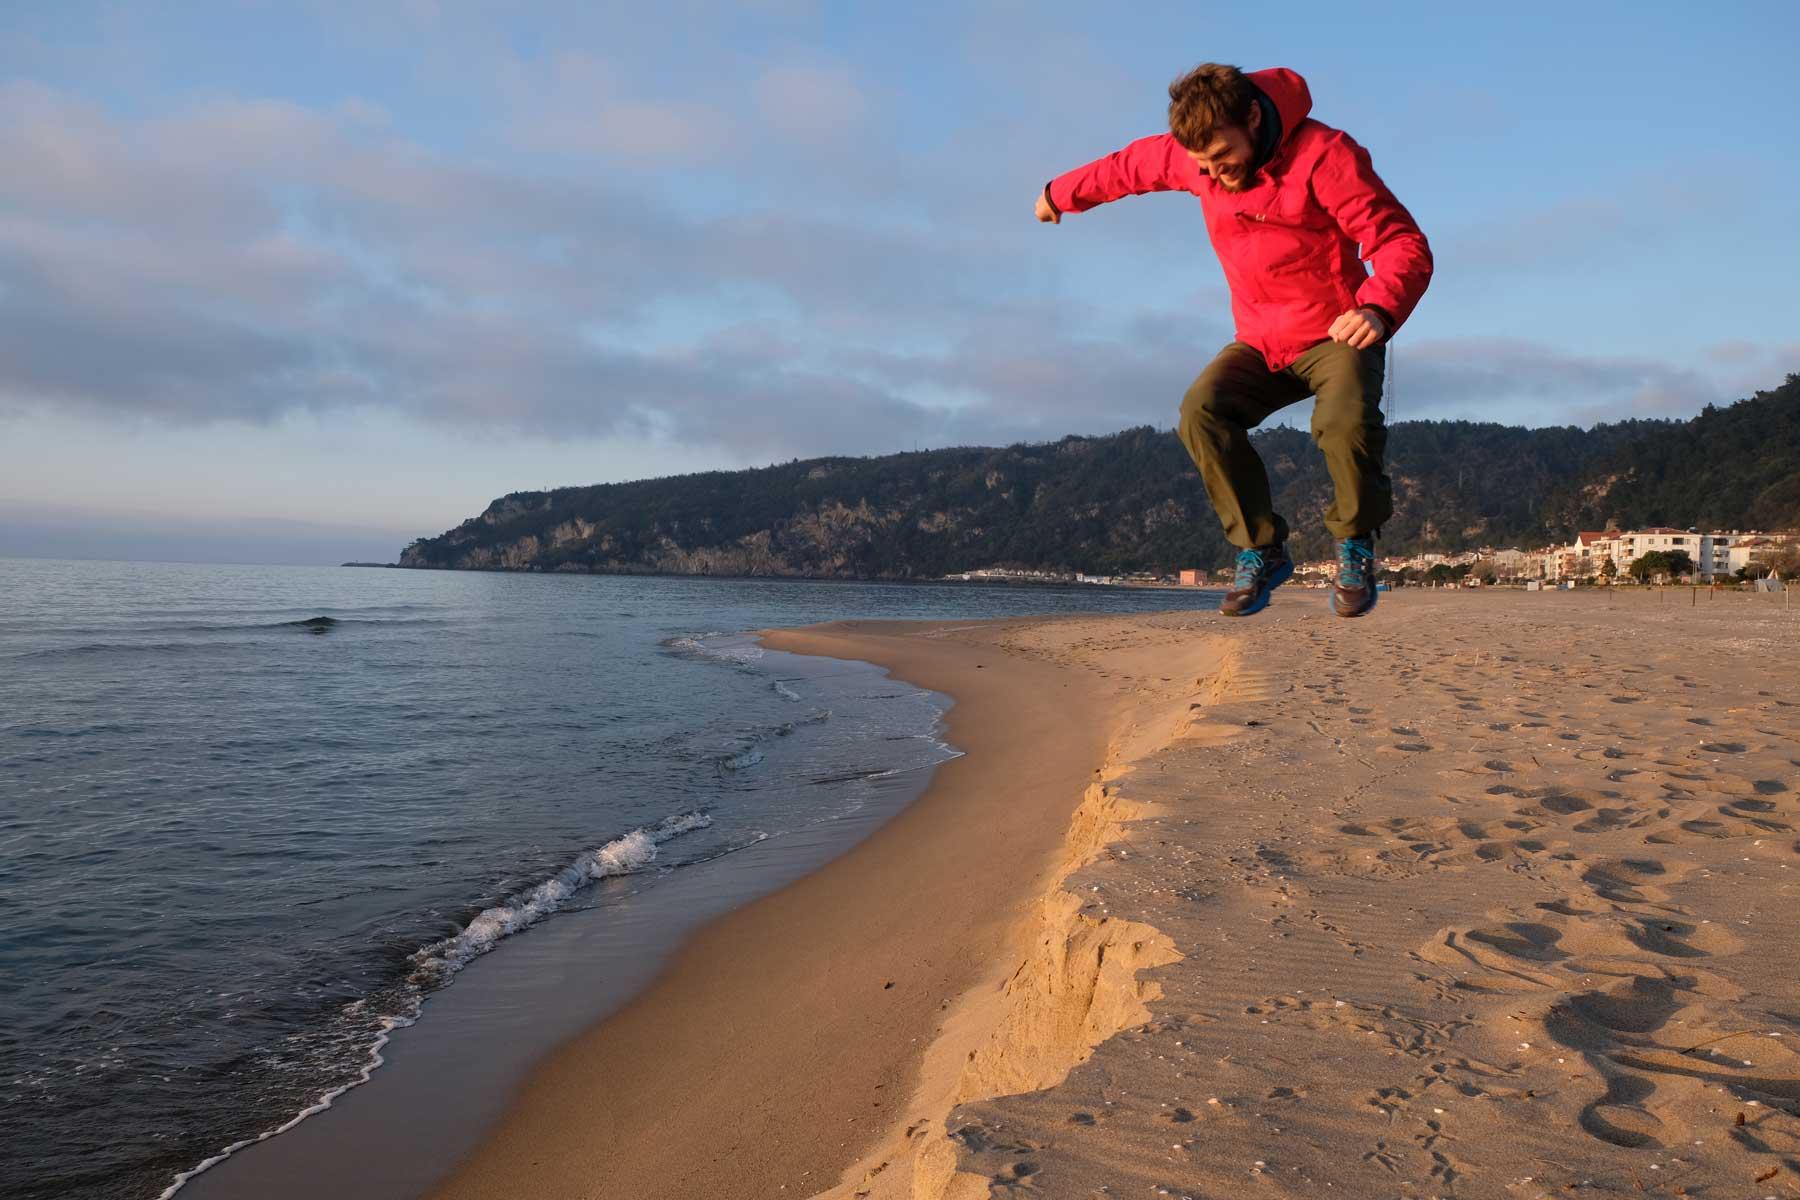 Sebastian springt am Strand